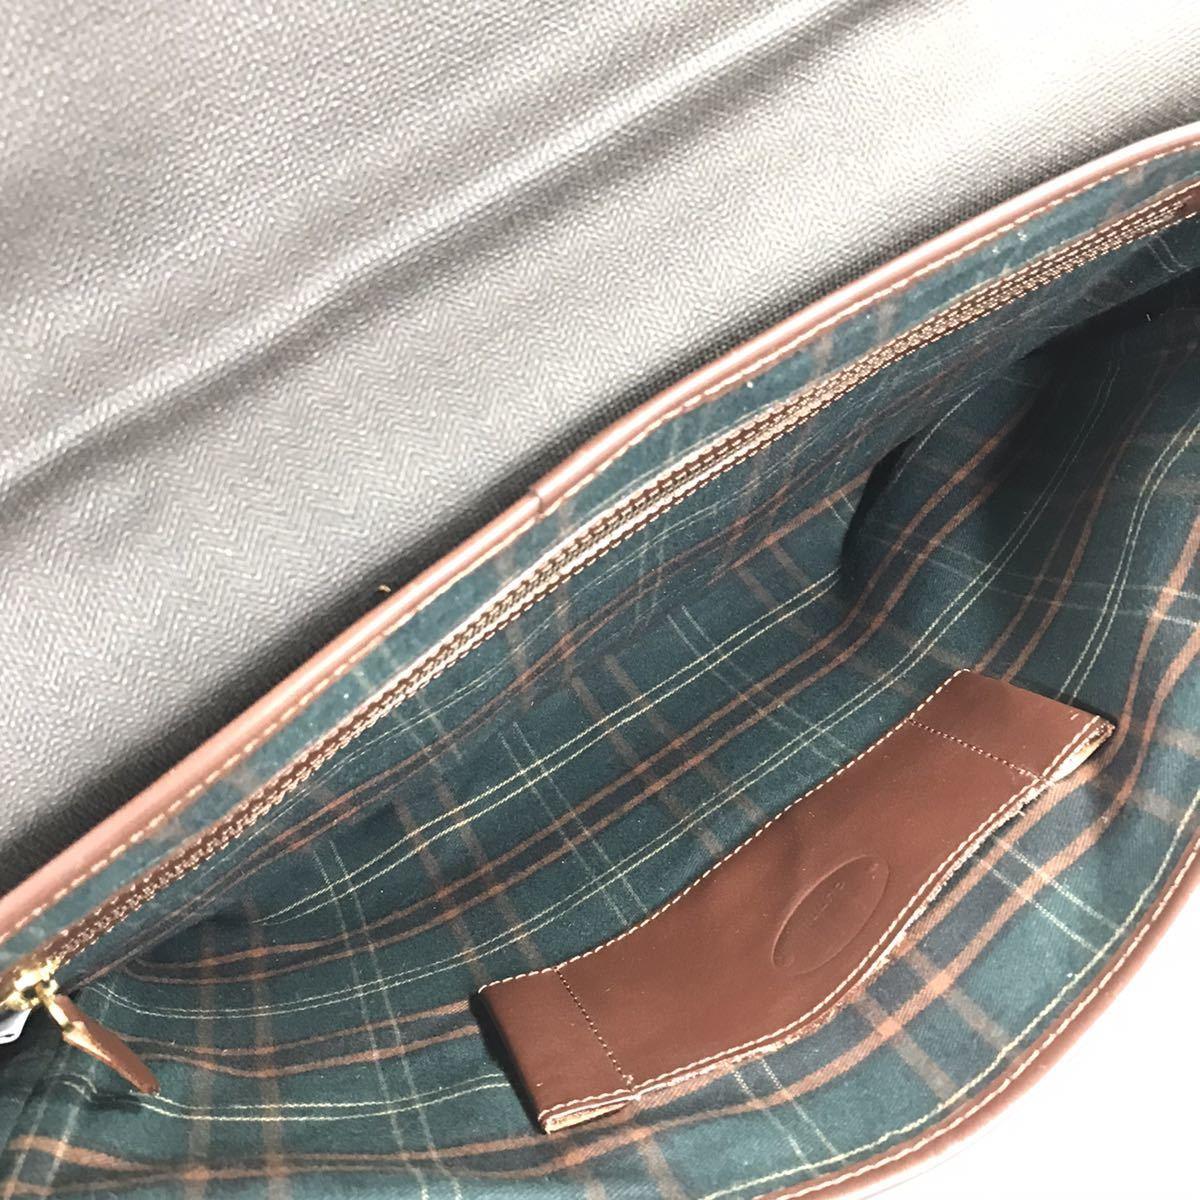 【ダンヒル】本物 dunhill ビジネスバッグ 2way ショルダーバッグ 鍵付 ブリーフケース 書類かばん レザー×PVC 男性用 メンズ イタリア製_画像9